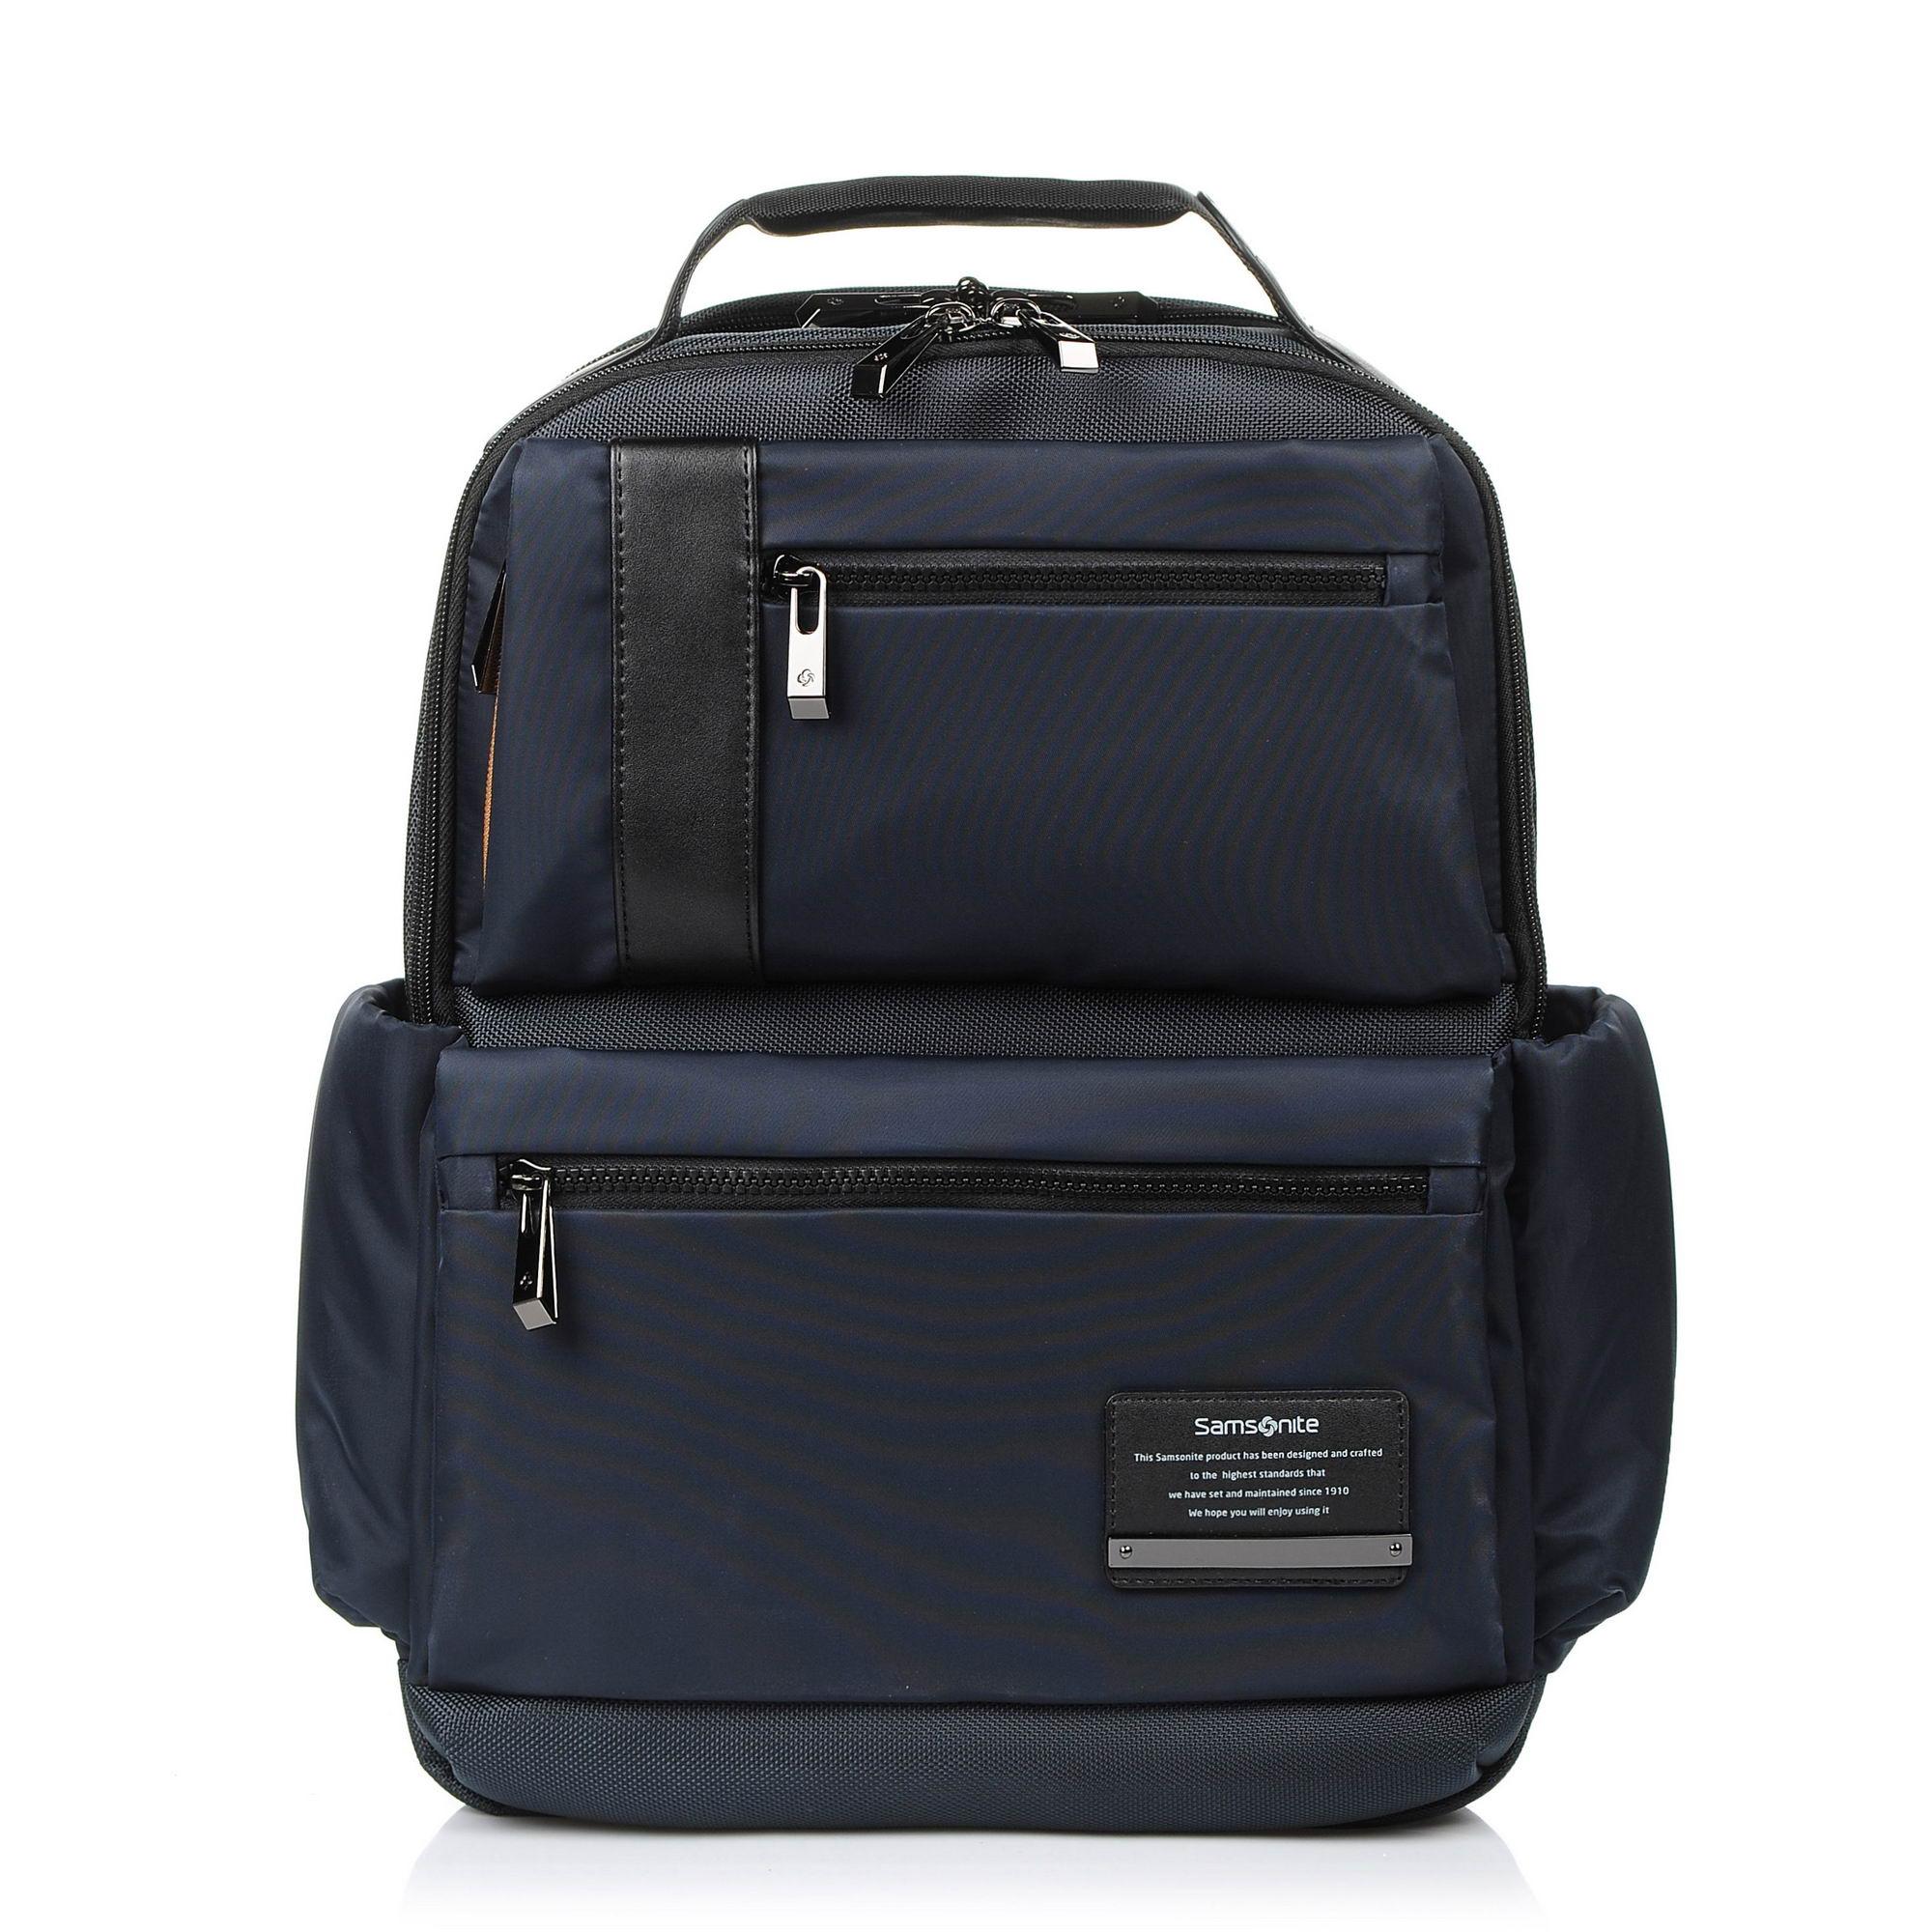 Σακίδιο Πλάτης Samsonite Openroad Laptop Backpack 14.1